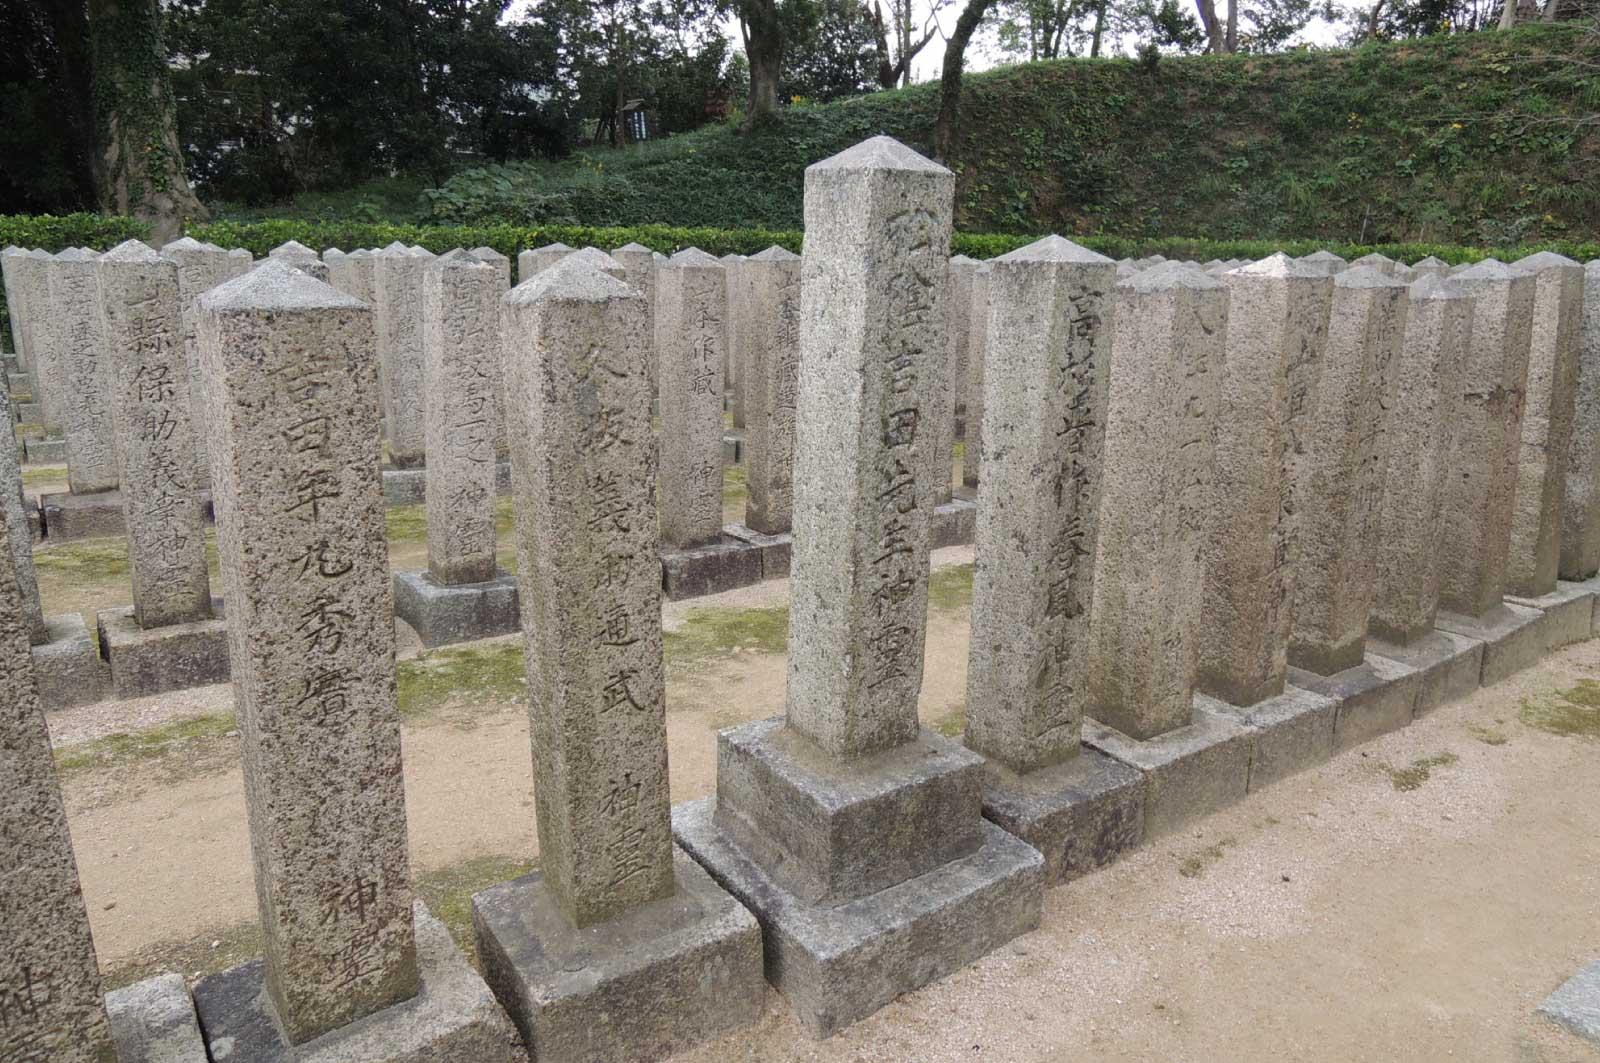 鎮魂場霊標(櫻山神社・下関)